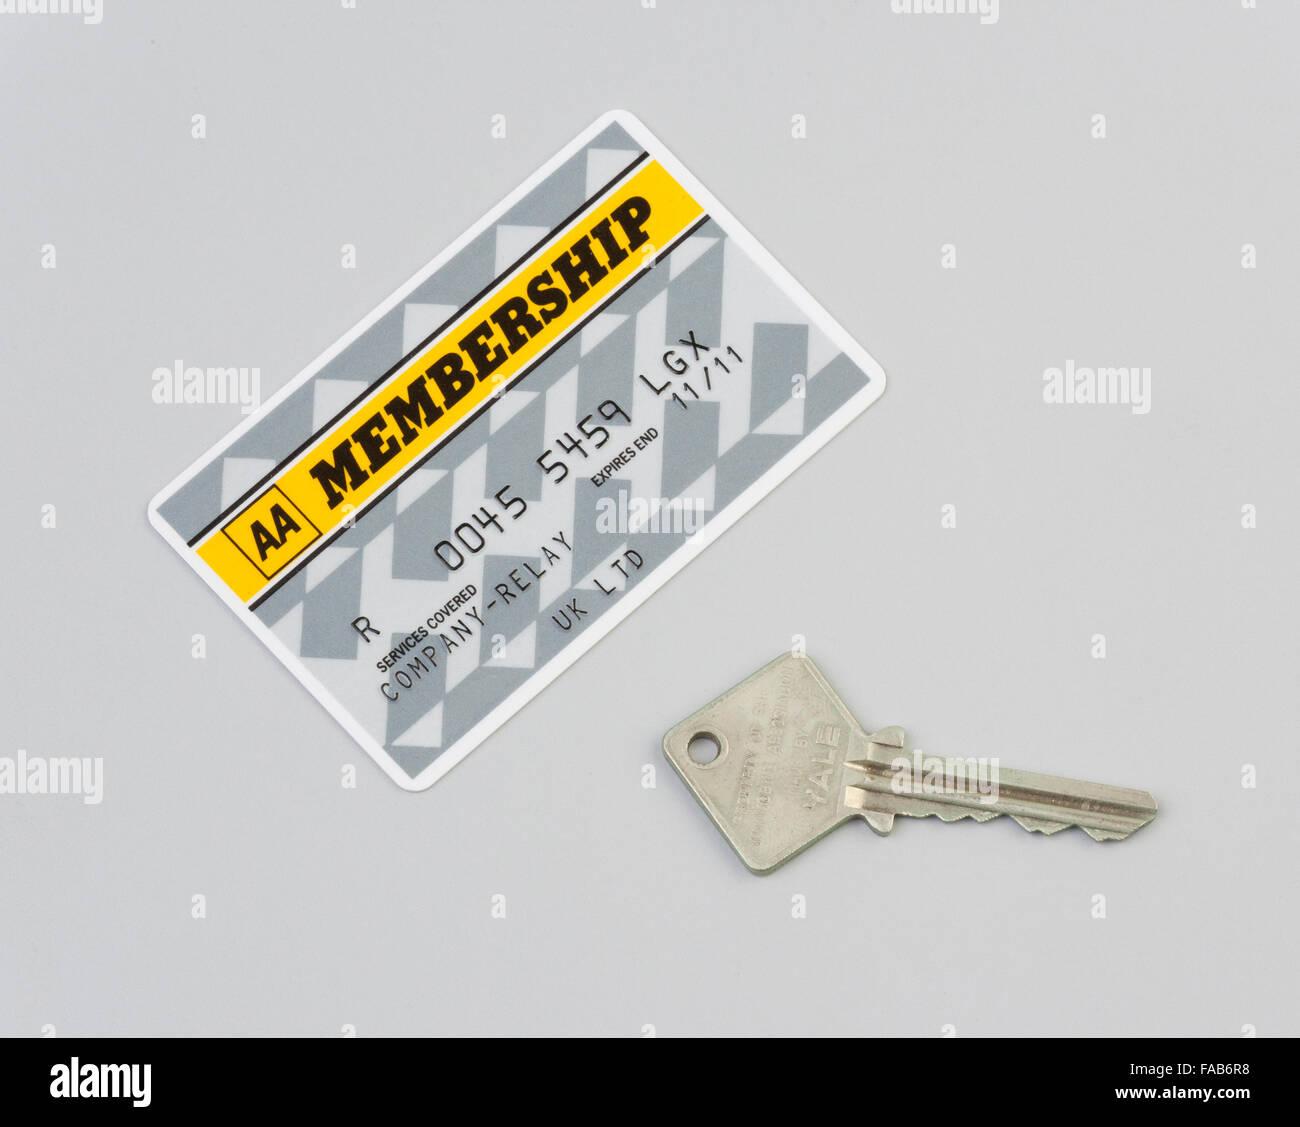 Miembros clave de la tarjeta de miembro de AA Imagen De Stock